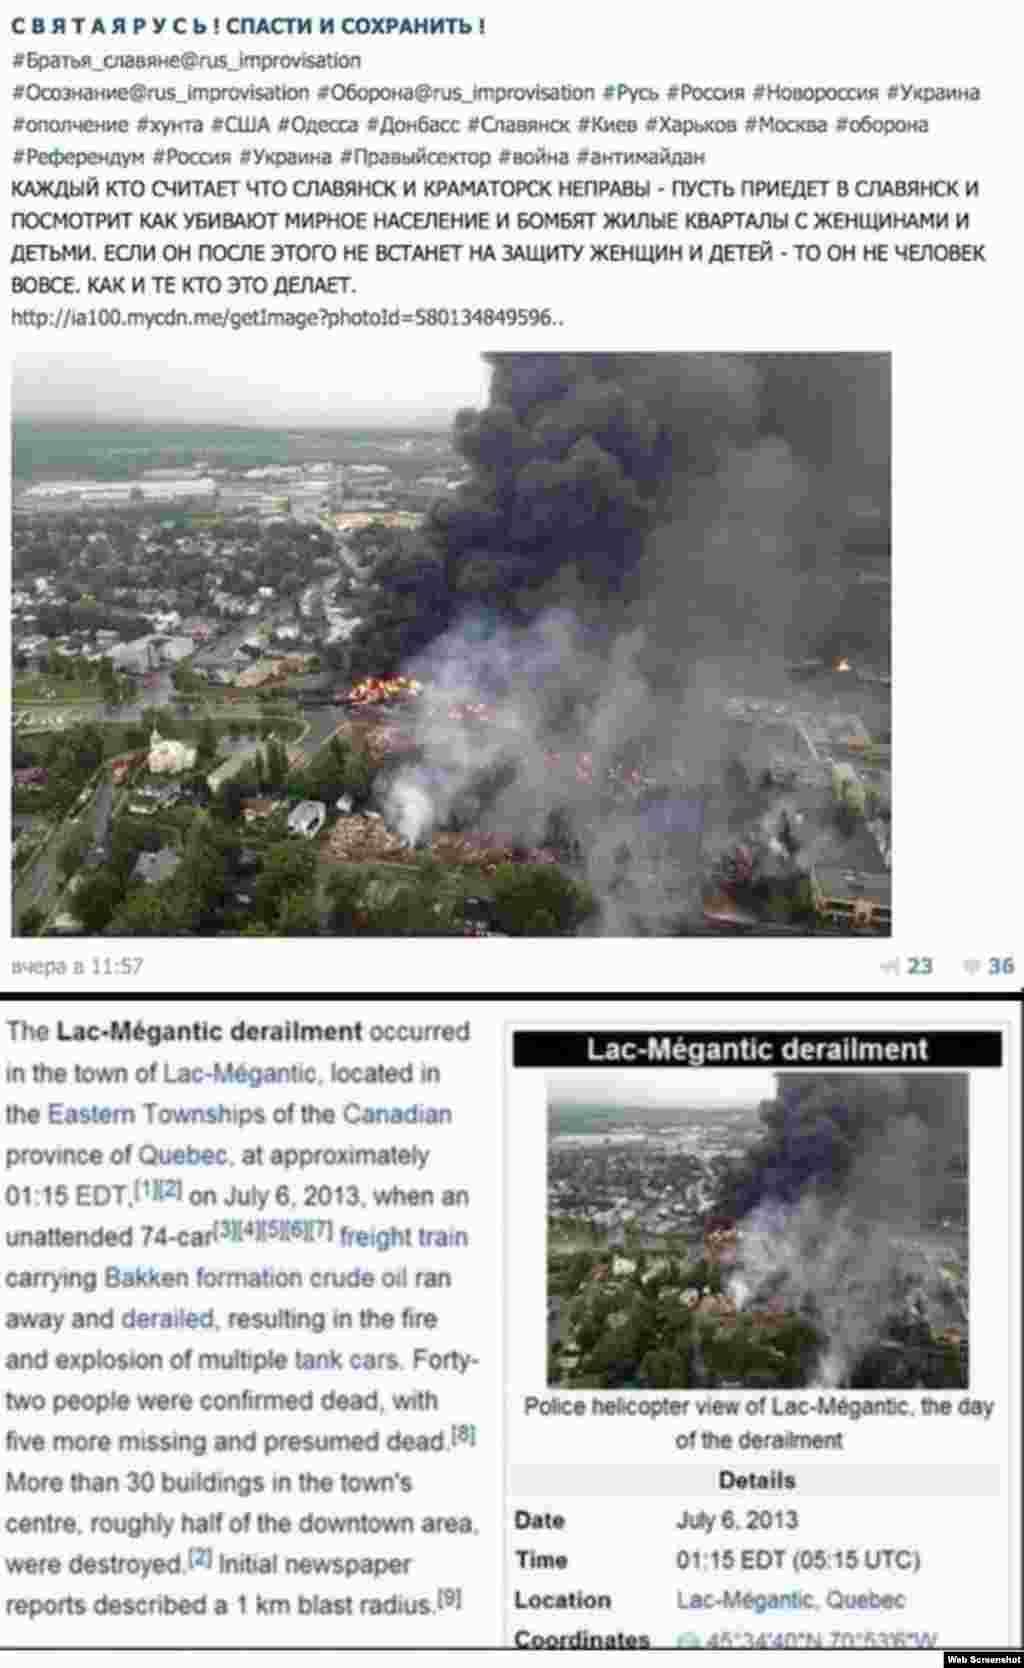 Это снимок из Канады, где в 2013 году произошла авария железнодорожного состава с топливом.